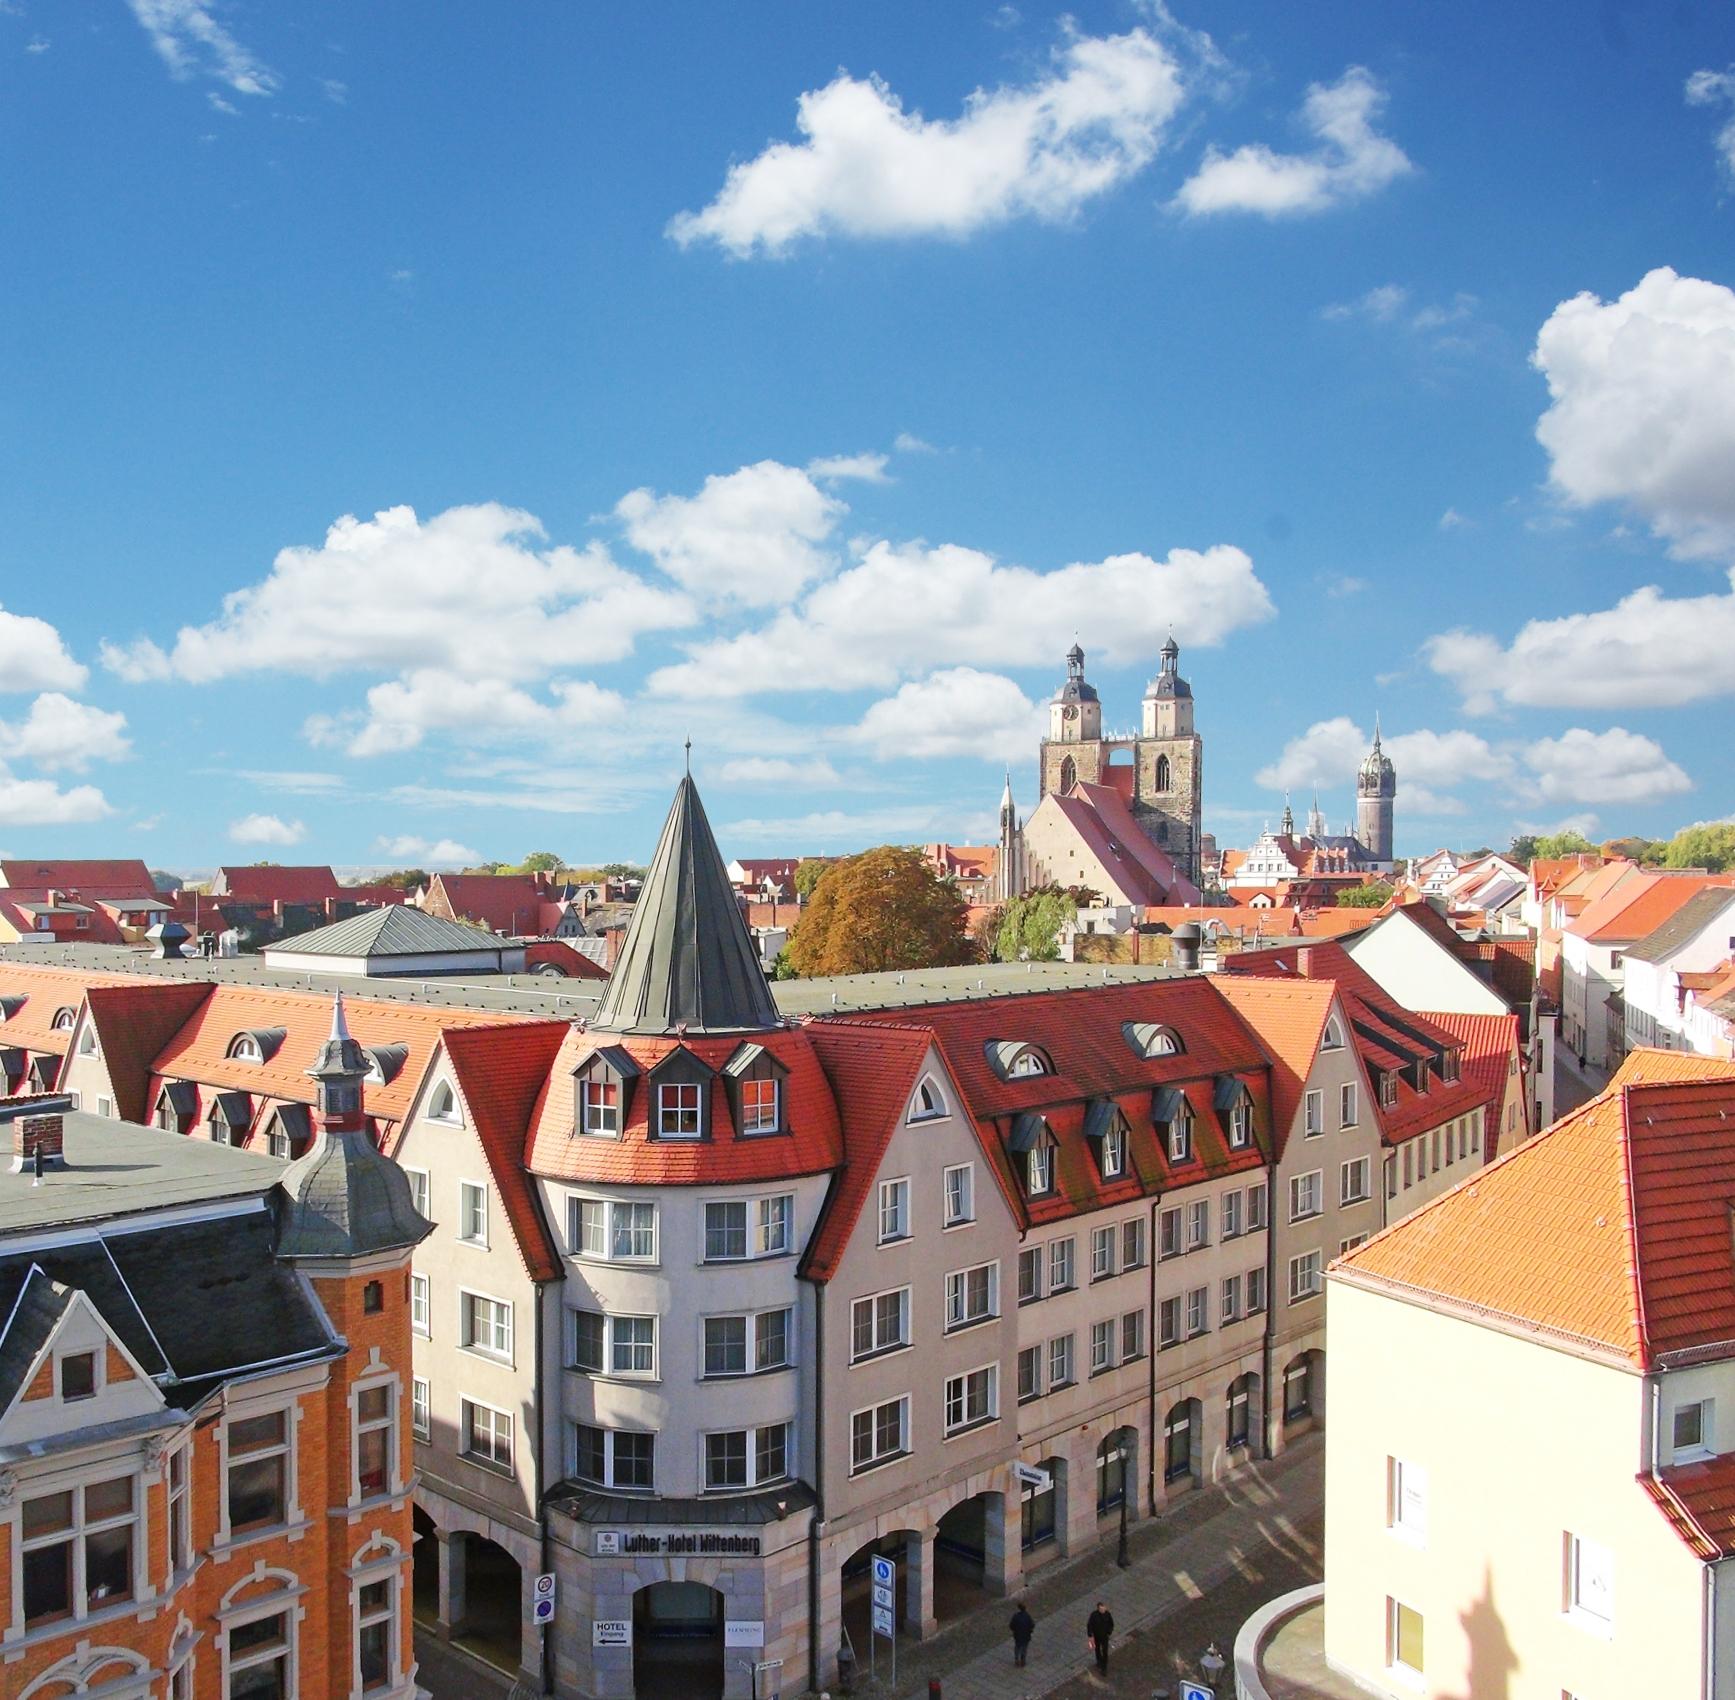 Welterbe Lutherstadt Wittenberg: 4*Hotel - DZ 2 Pers. inkl. Früh., 1x Dinner für 2, Eintritt Klosterkirche - bis Dez. - EZ 2 Nächte/110€